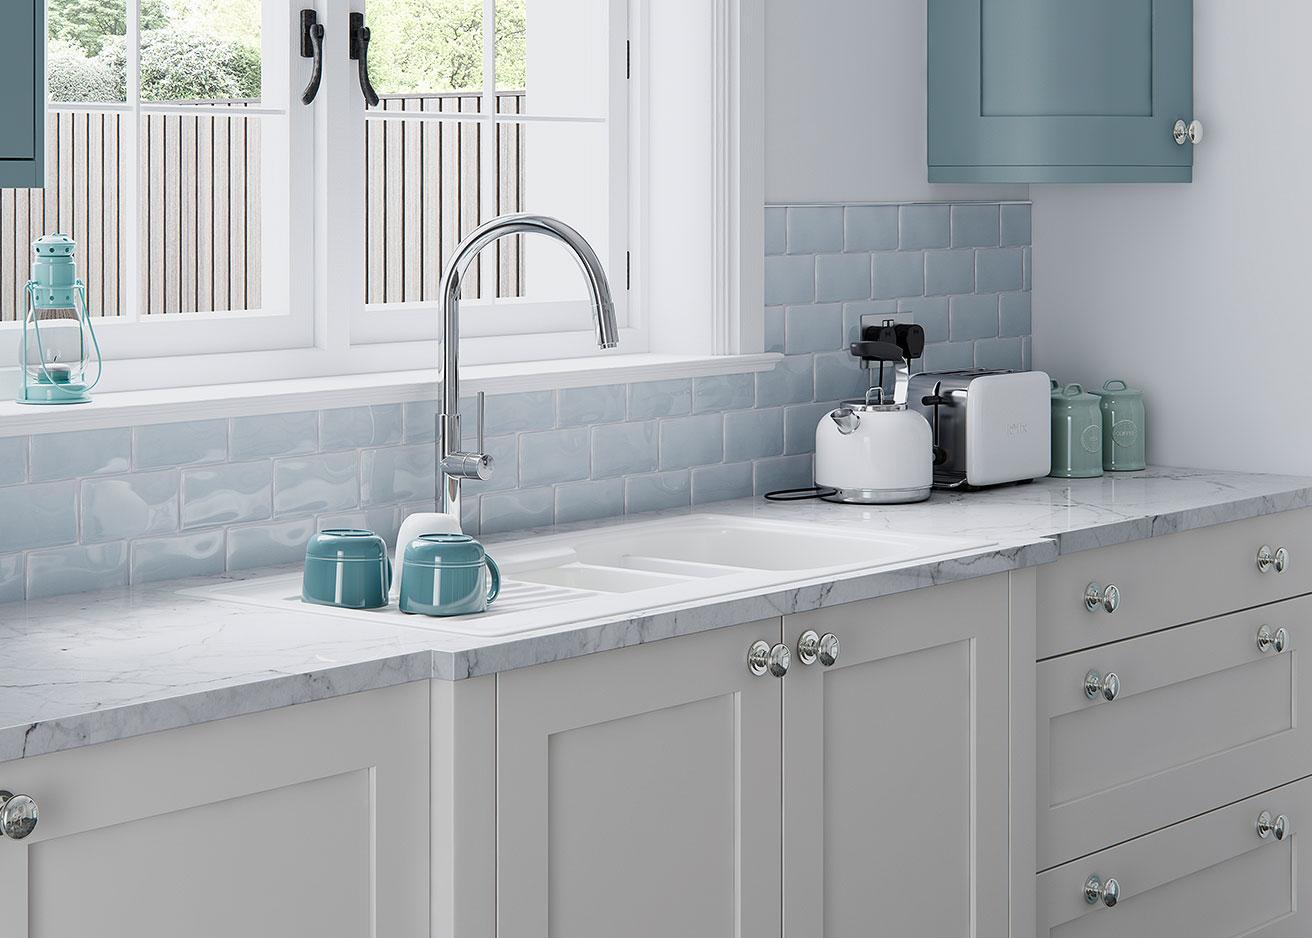 1a.Kitchen-design-trends-2017-181.jpg